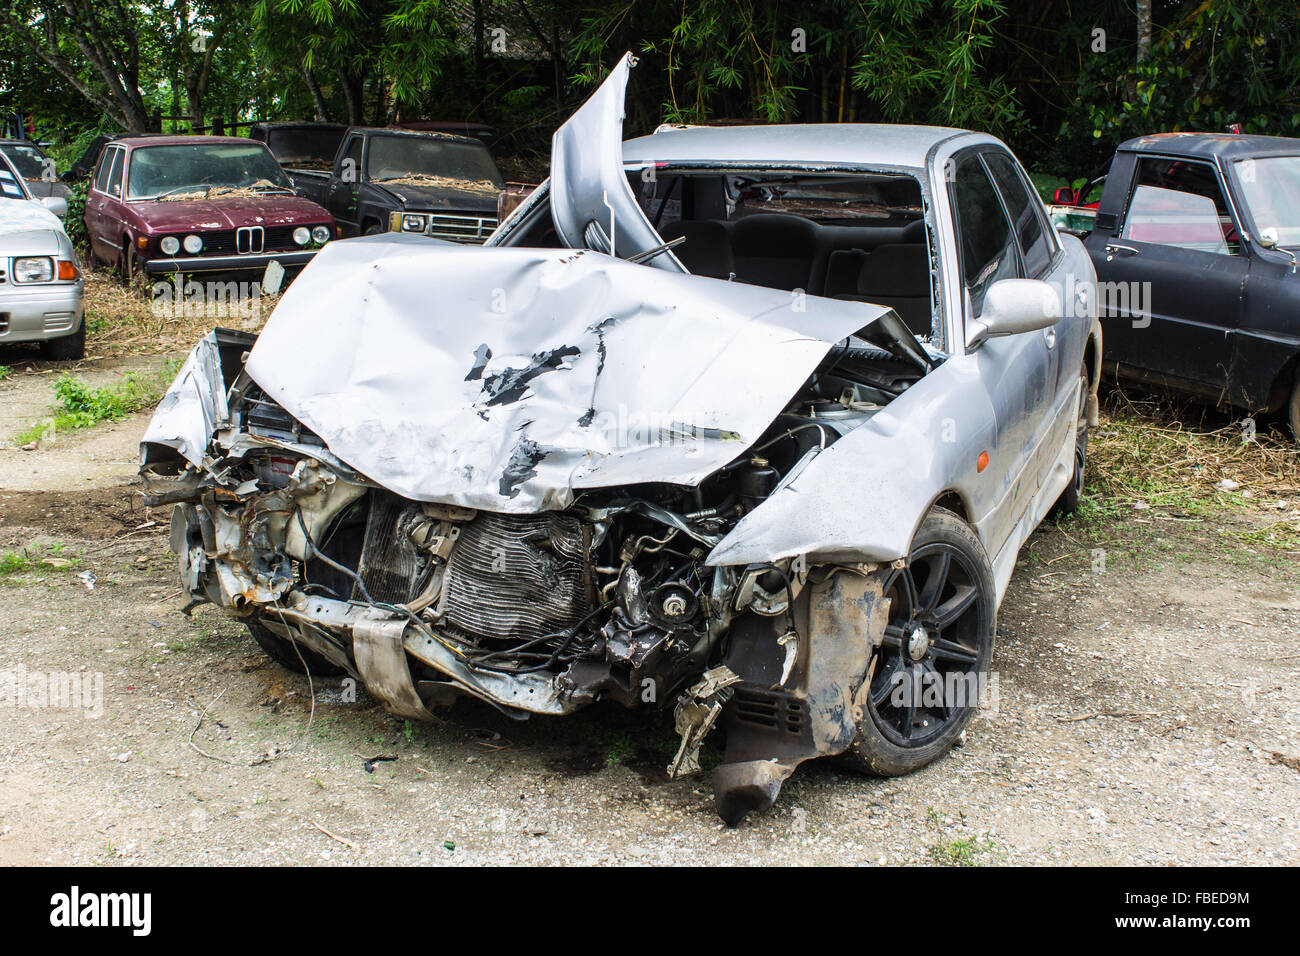 crashed cars Stock Photo: 93130848 - Alamy